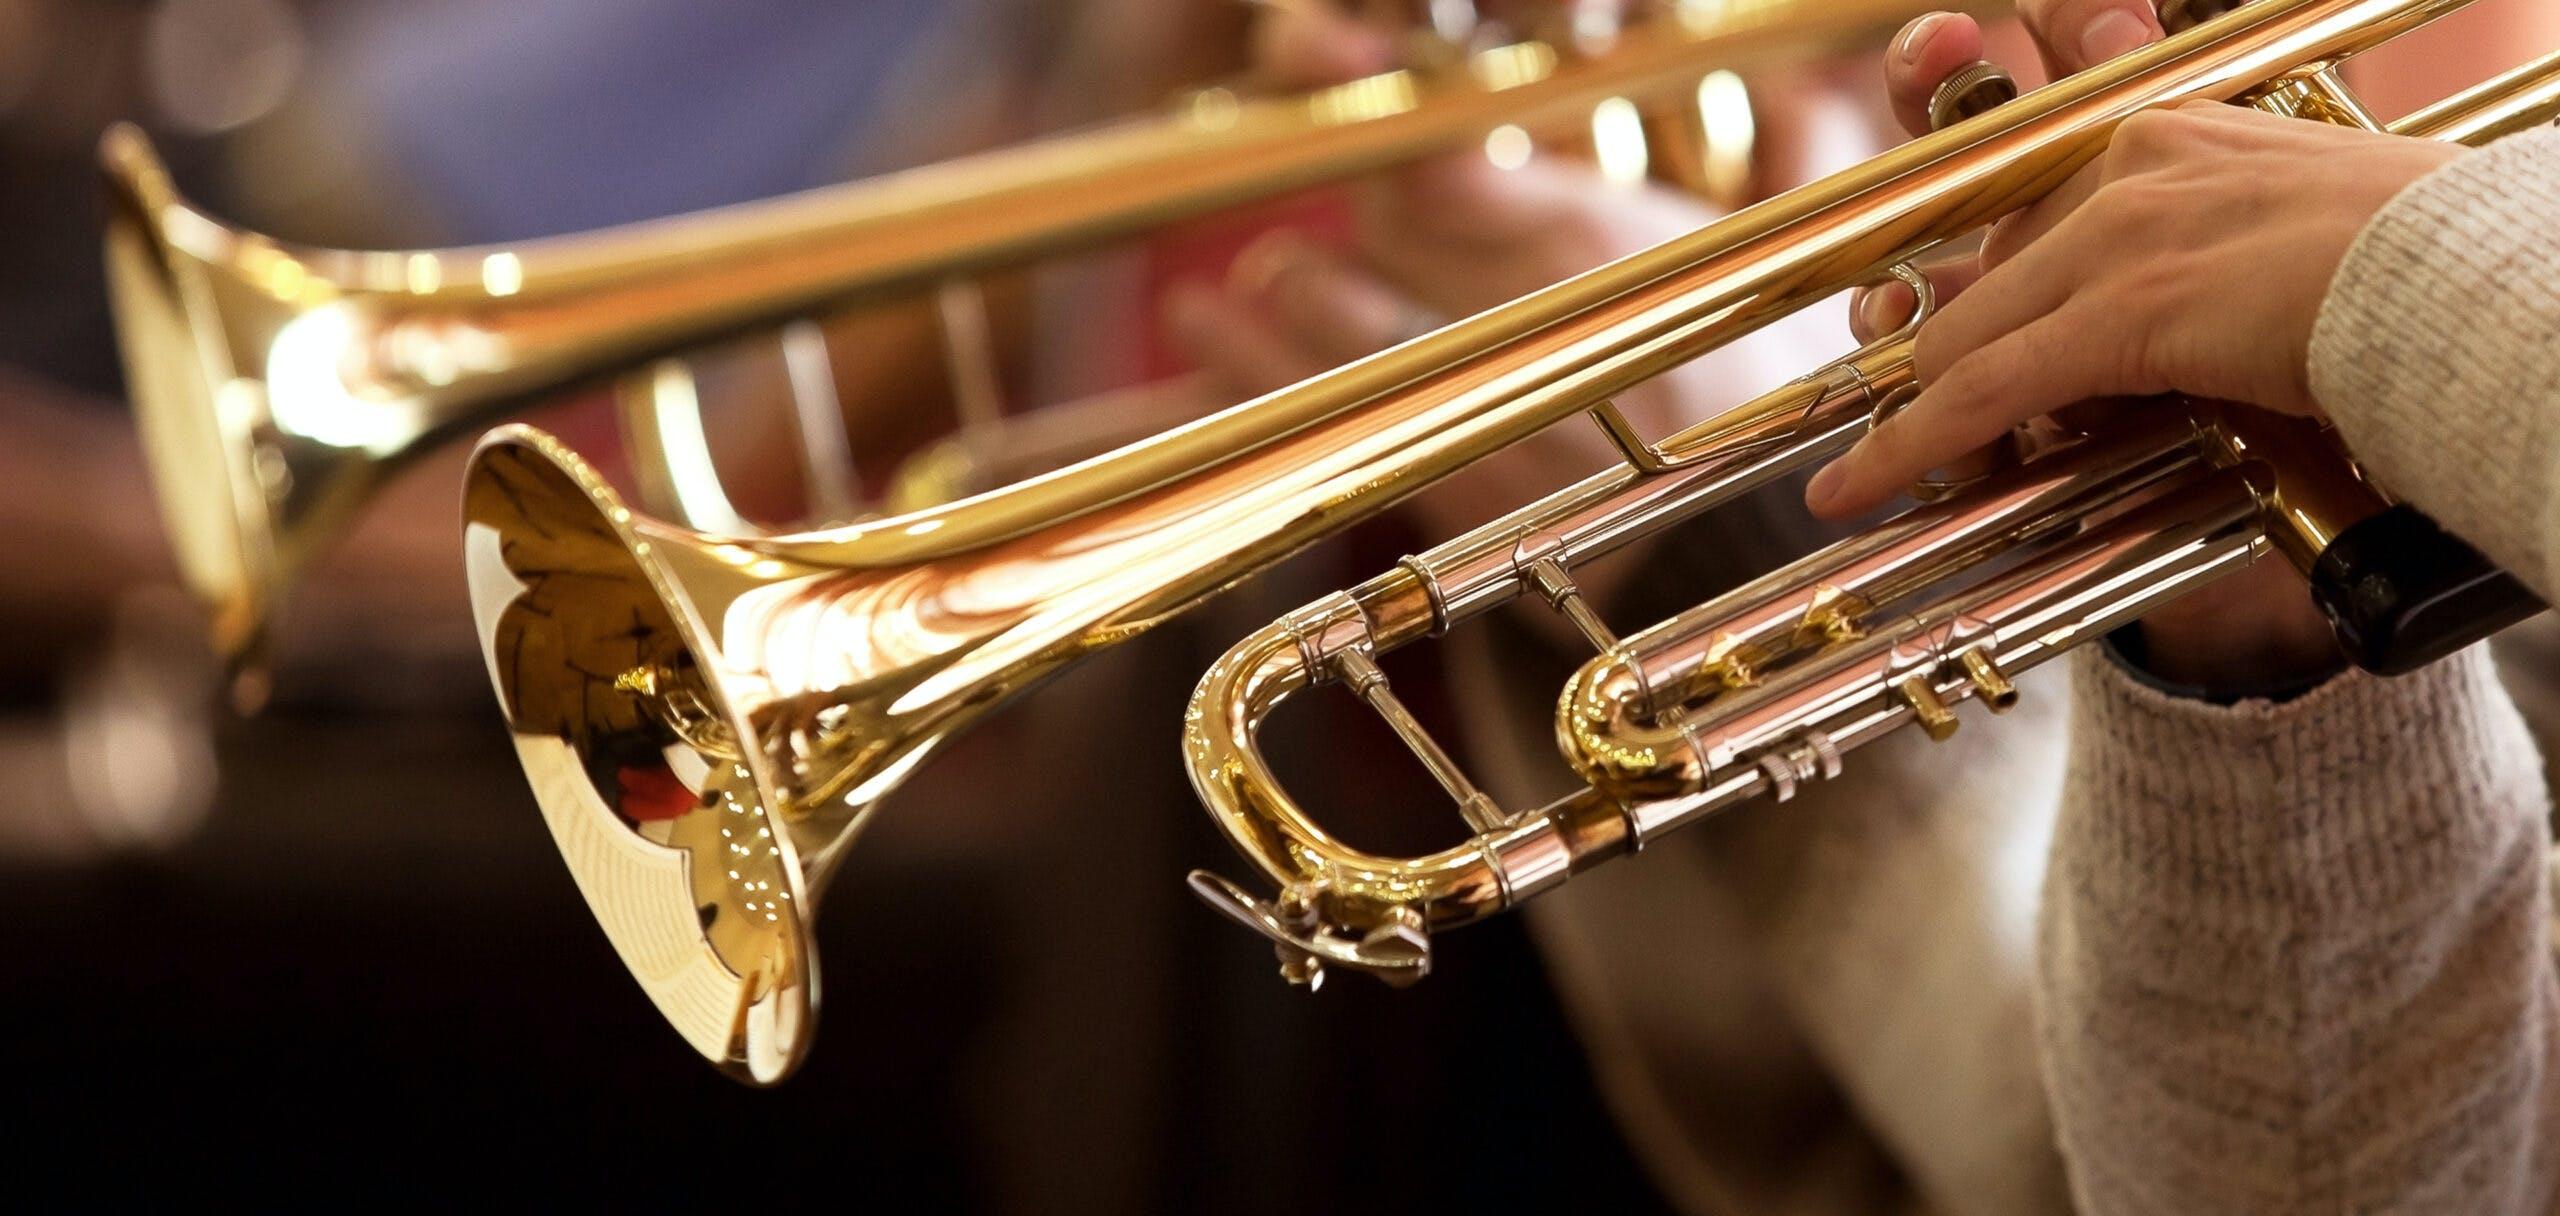 Camp de jour - Fanfare athlétique - Instruments à vents